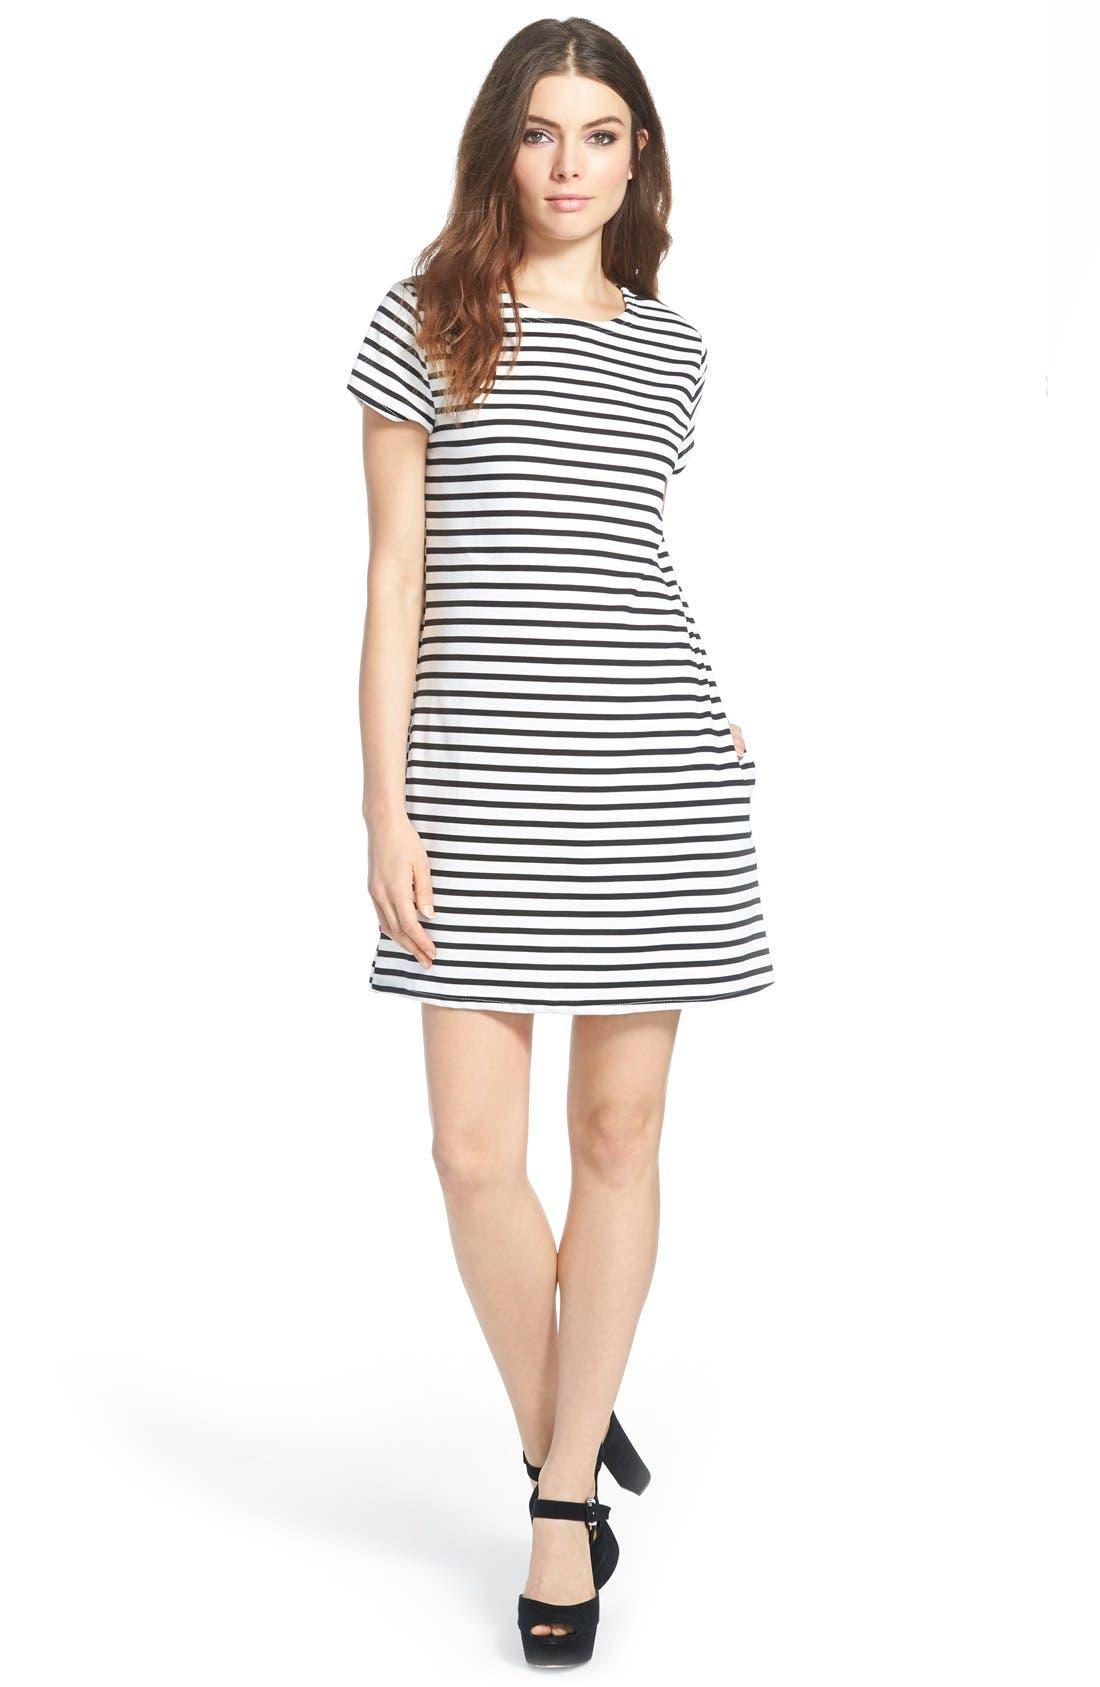 Alternate Image 1 Selected - MissguidedStripe Shift Dress